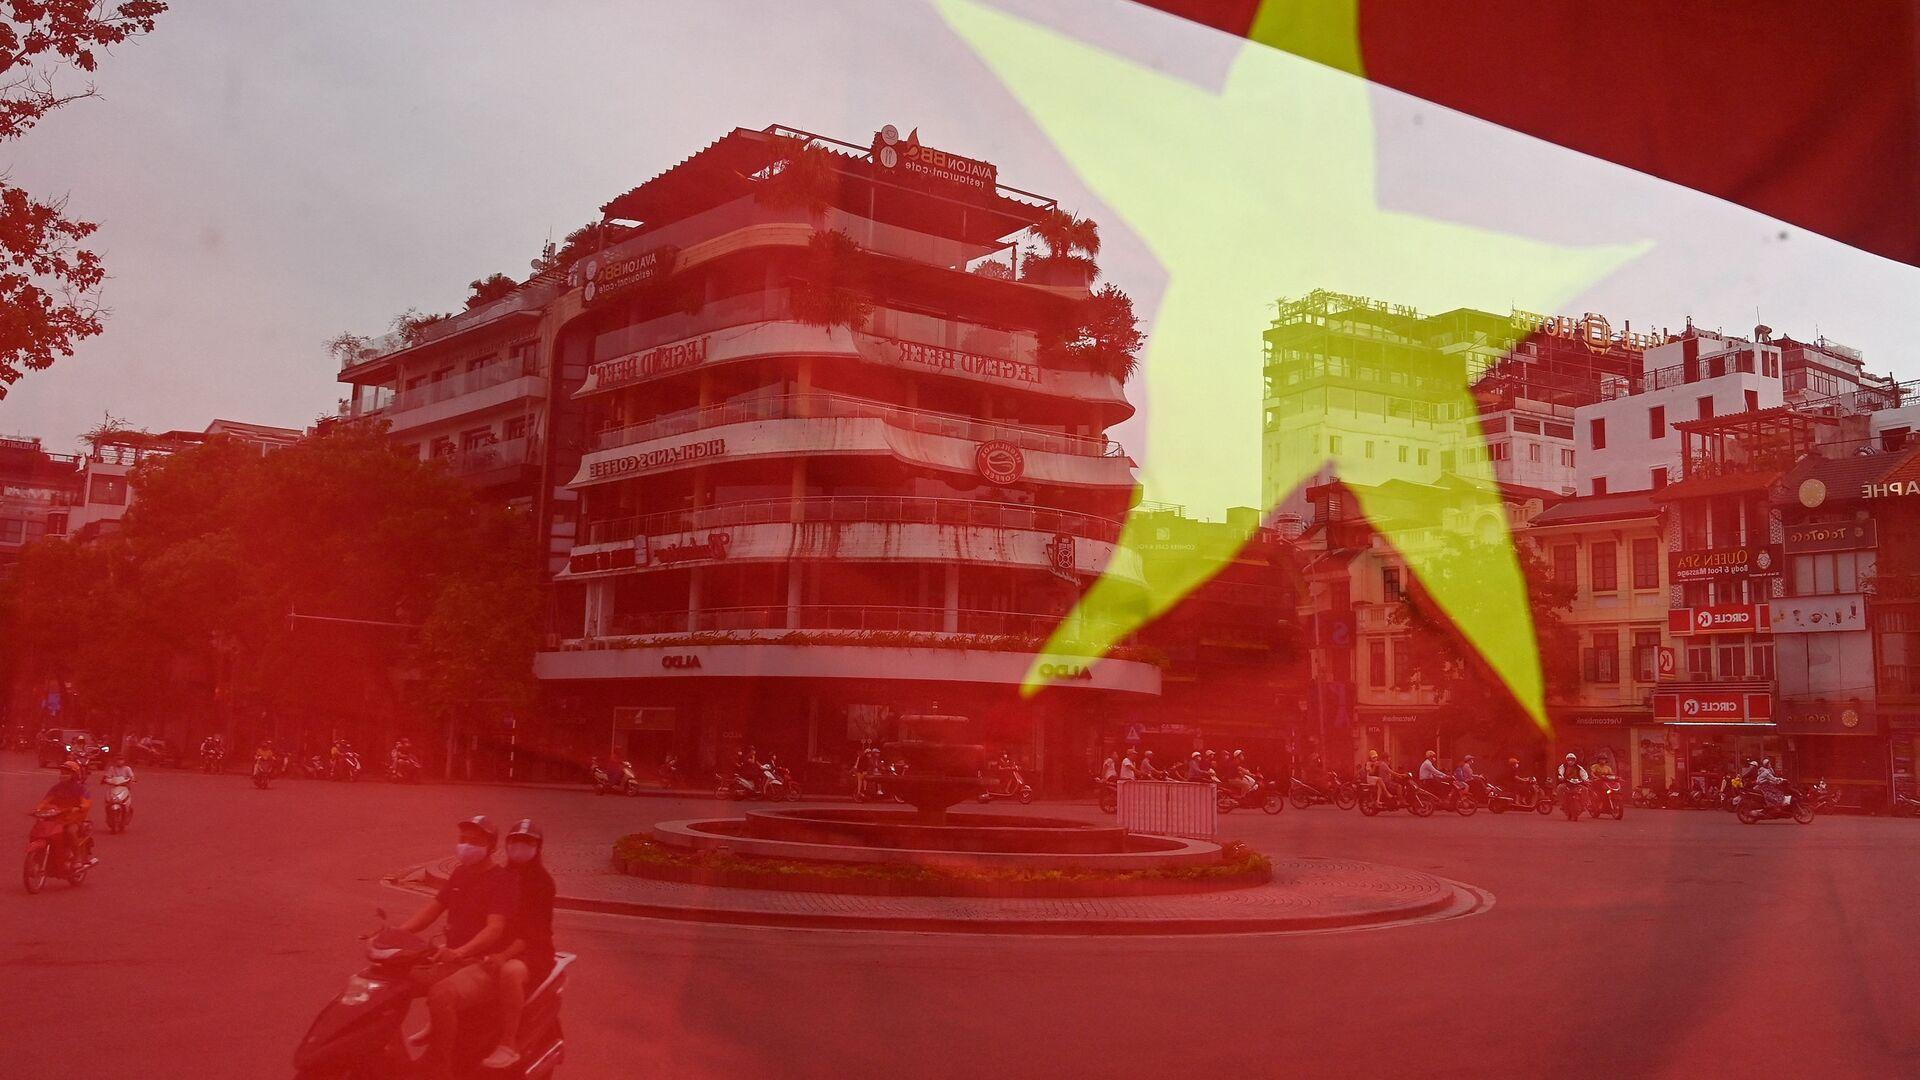 Cột cờ Việt Nam, Hà Nội. - Sputnik Việt Nam, 1920, 26.03.2021